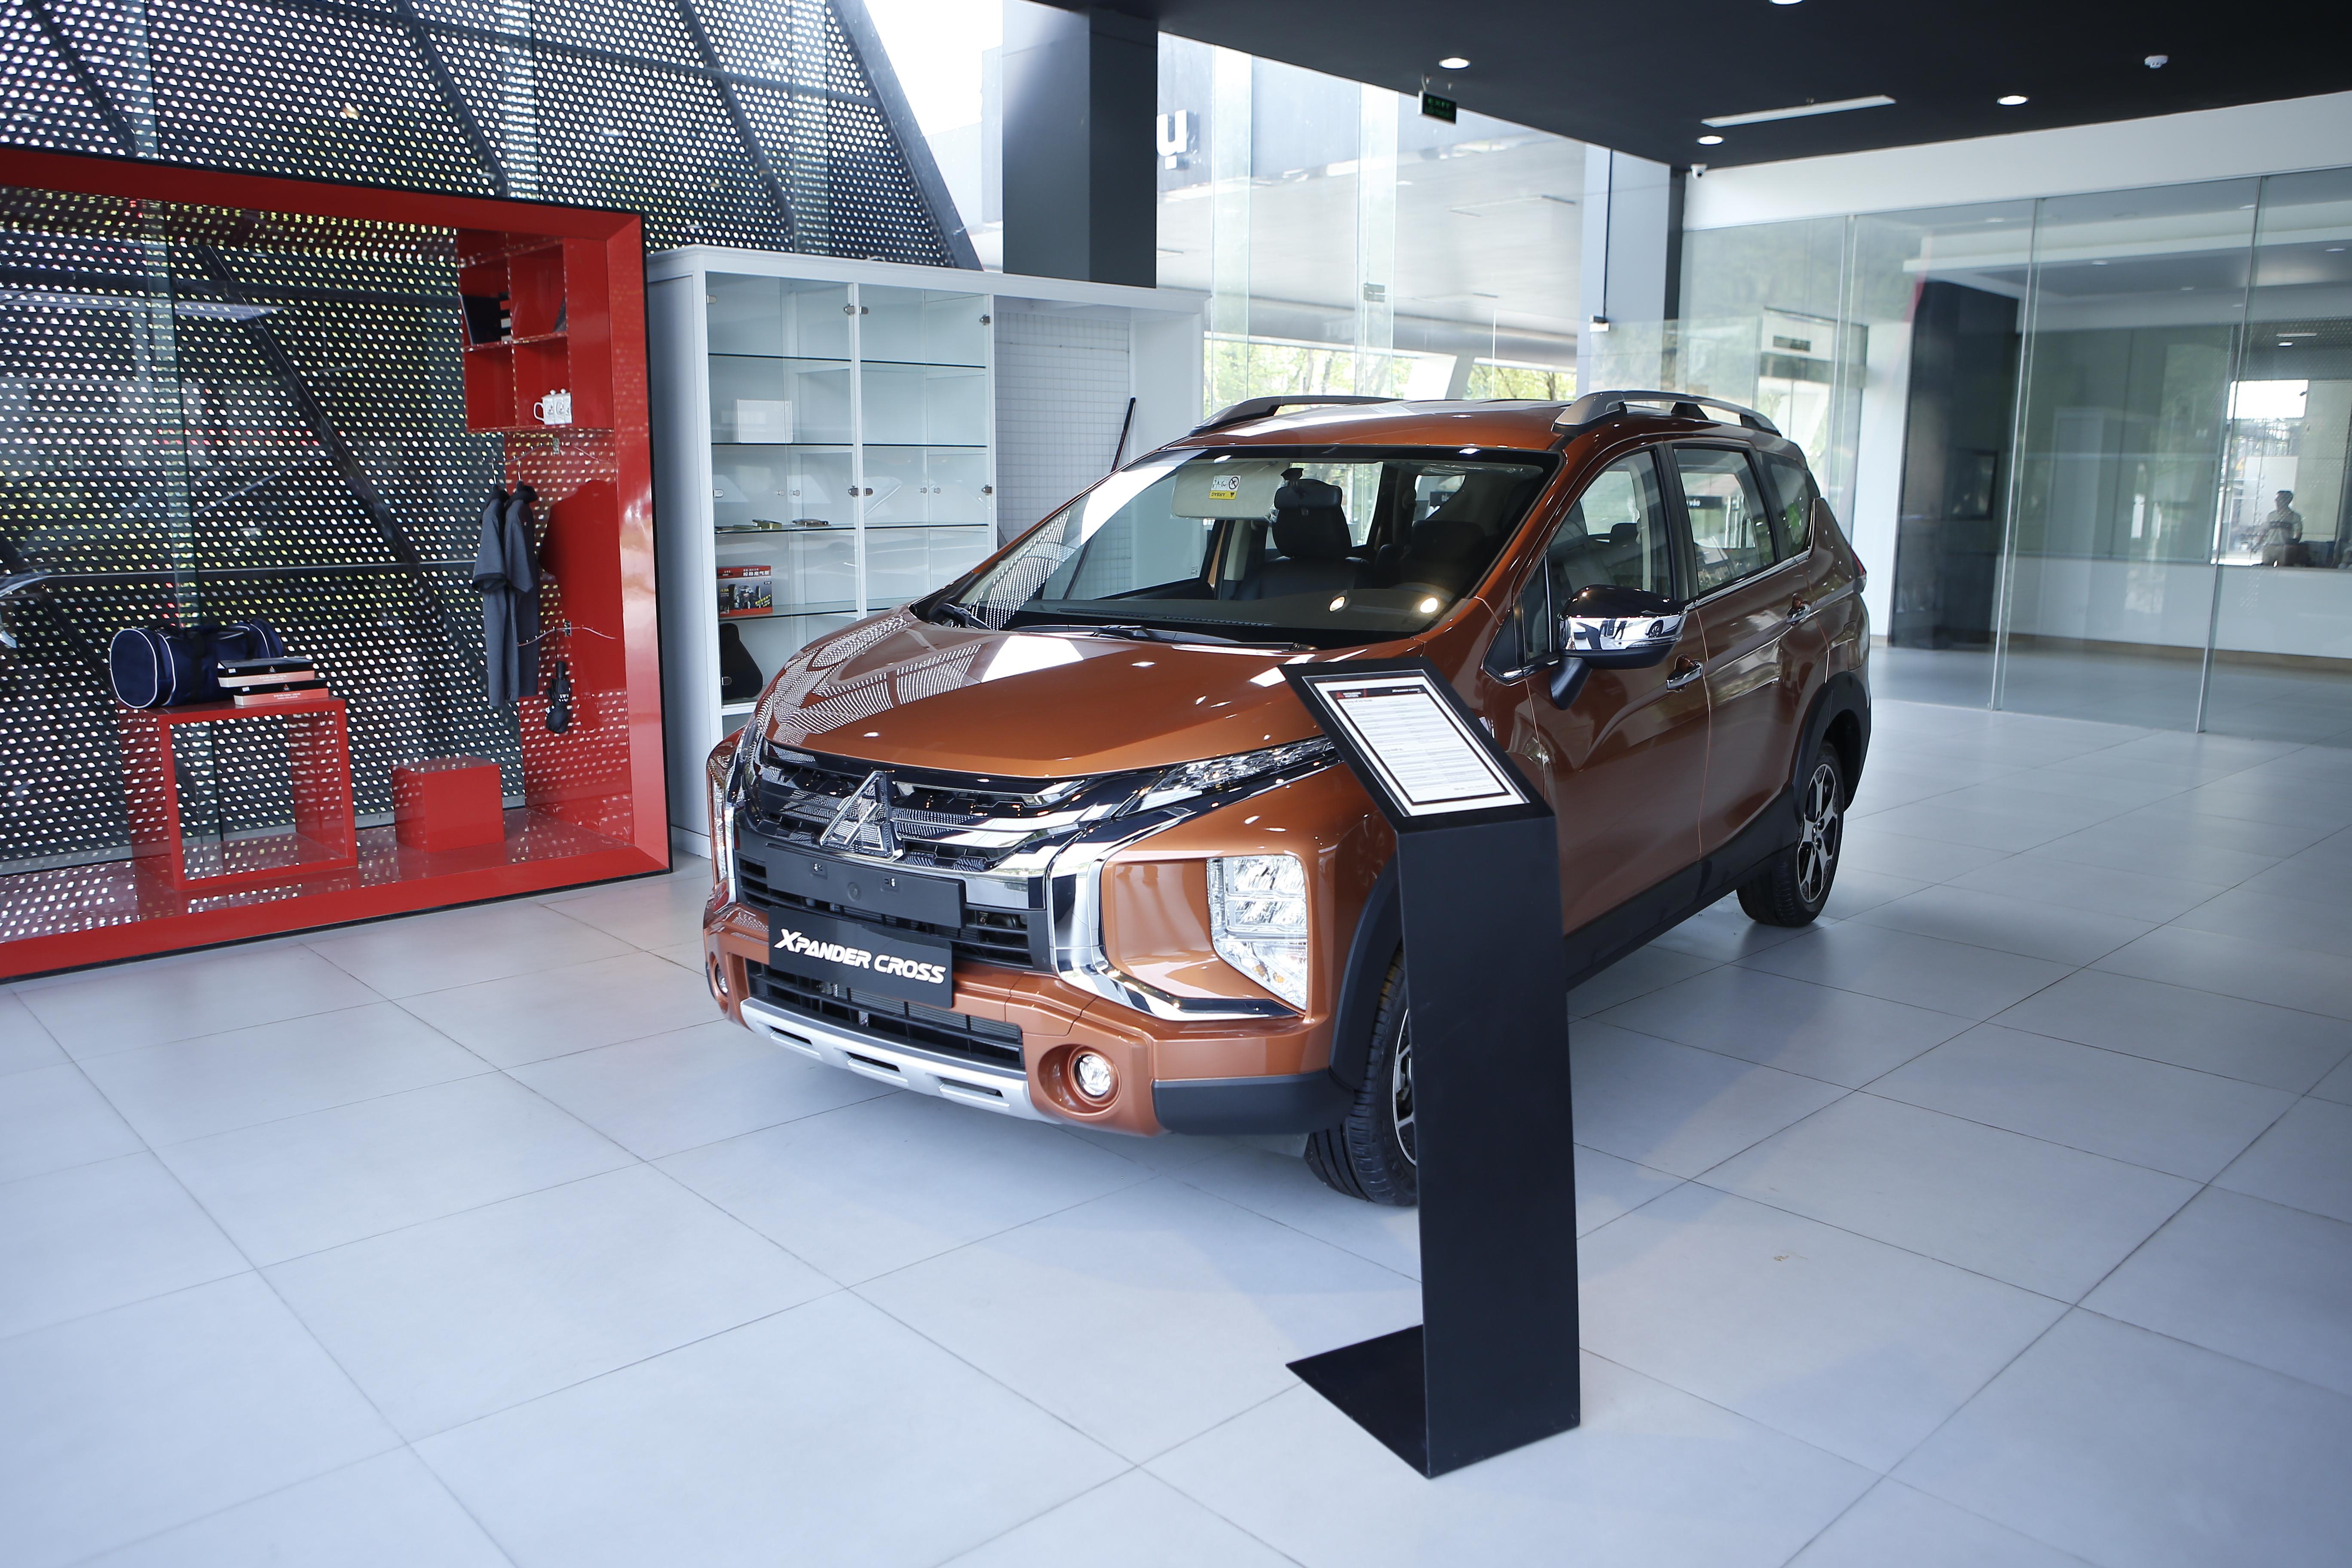 Mitsubishi giảm giá tất cả dòng xe: Xe hot cũng được ưu đãi, cao nhất gần 70 triệu đồng